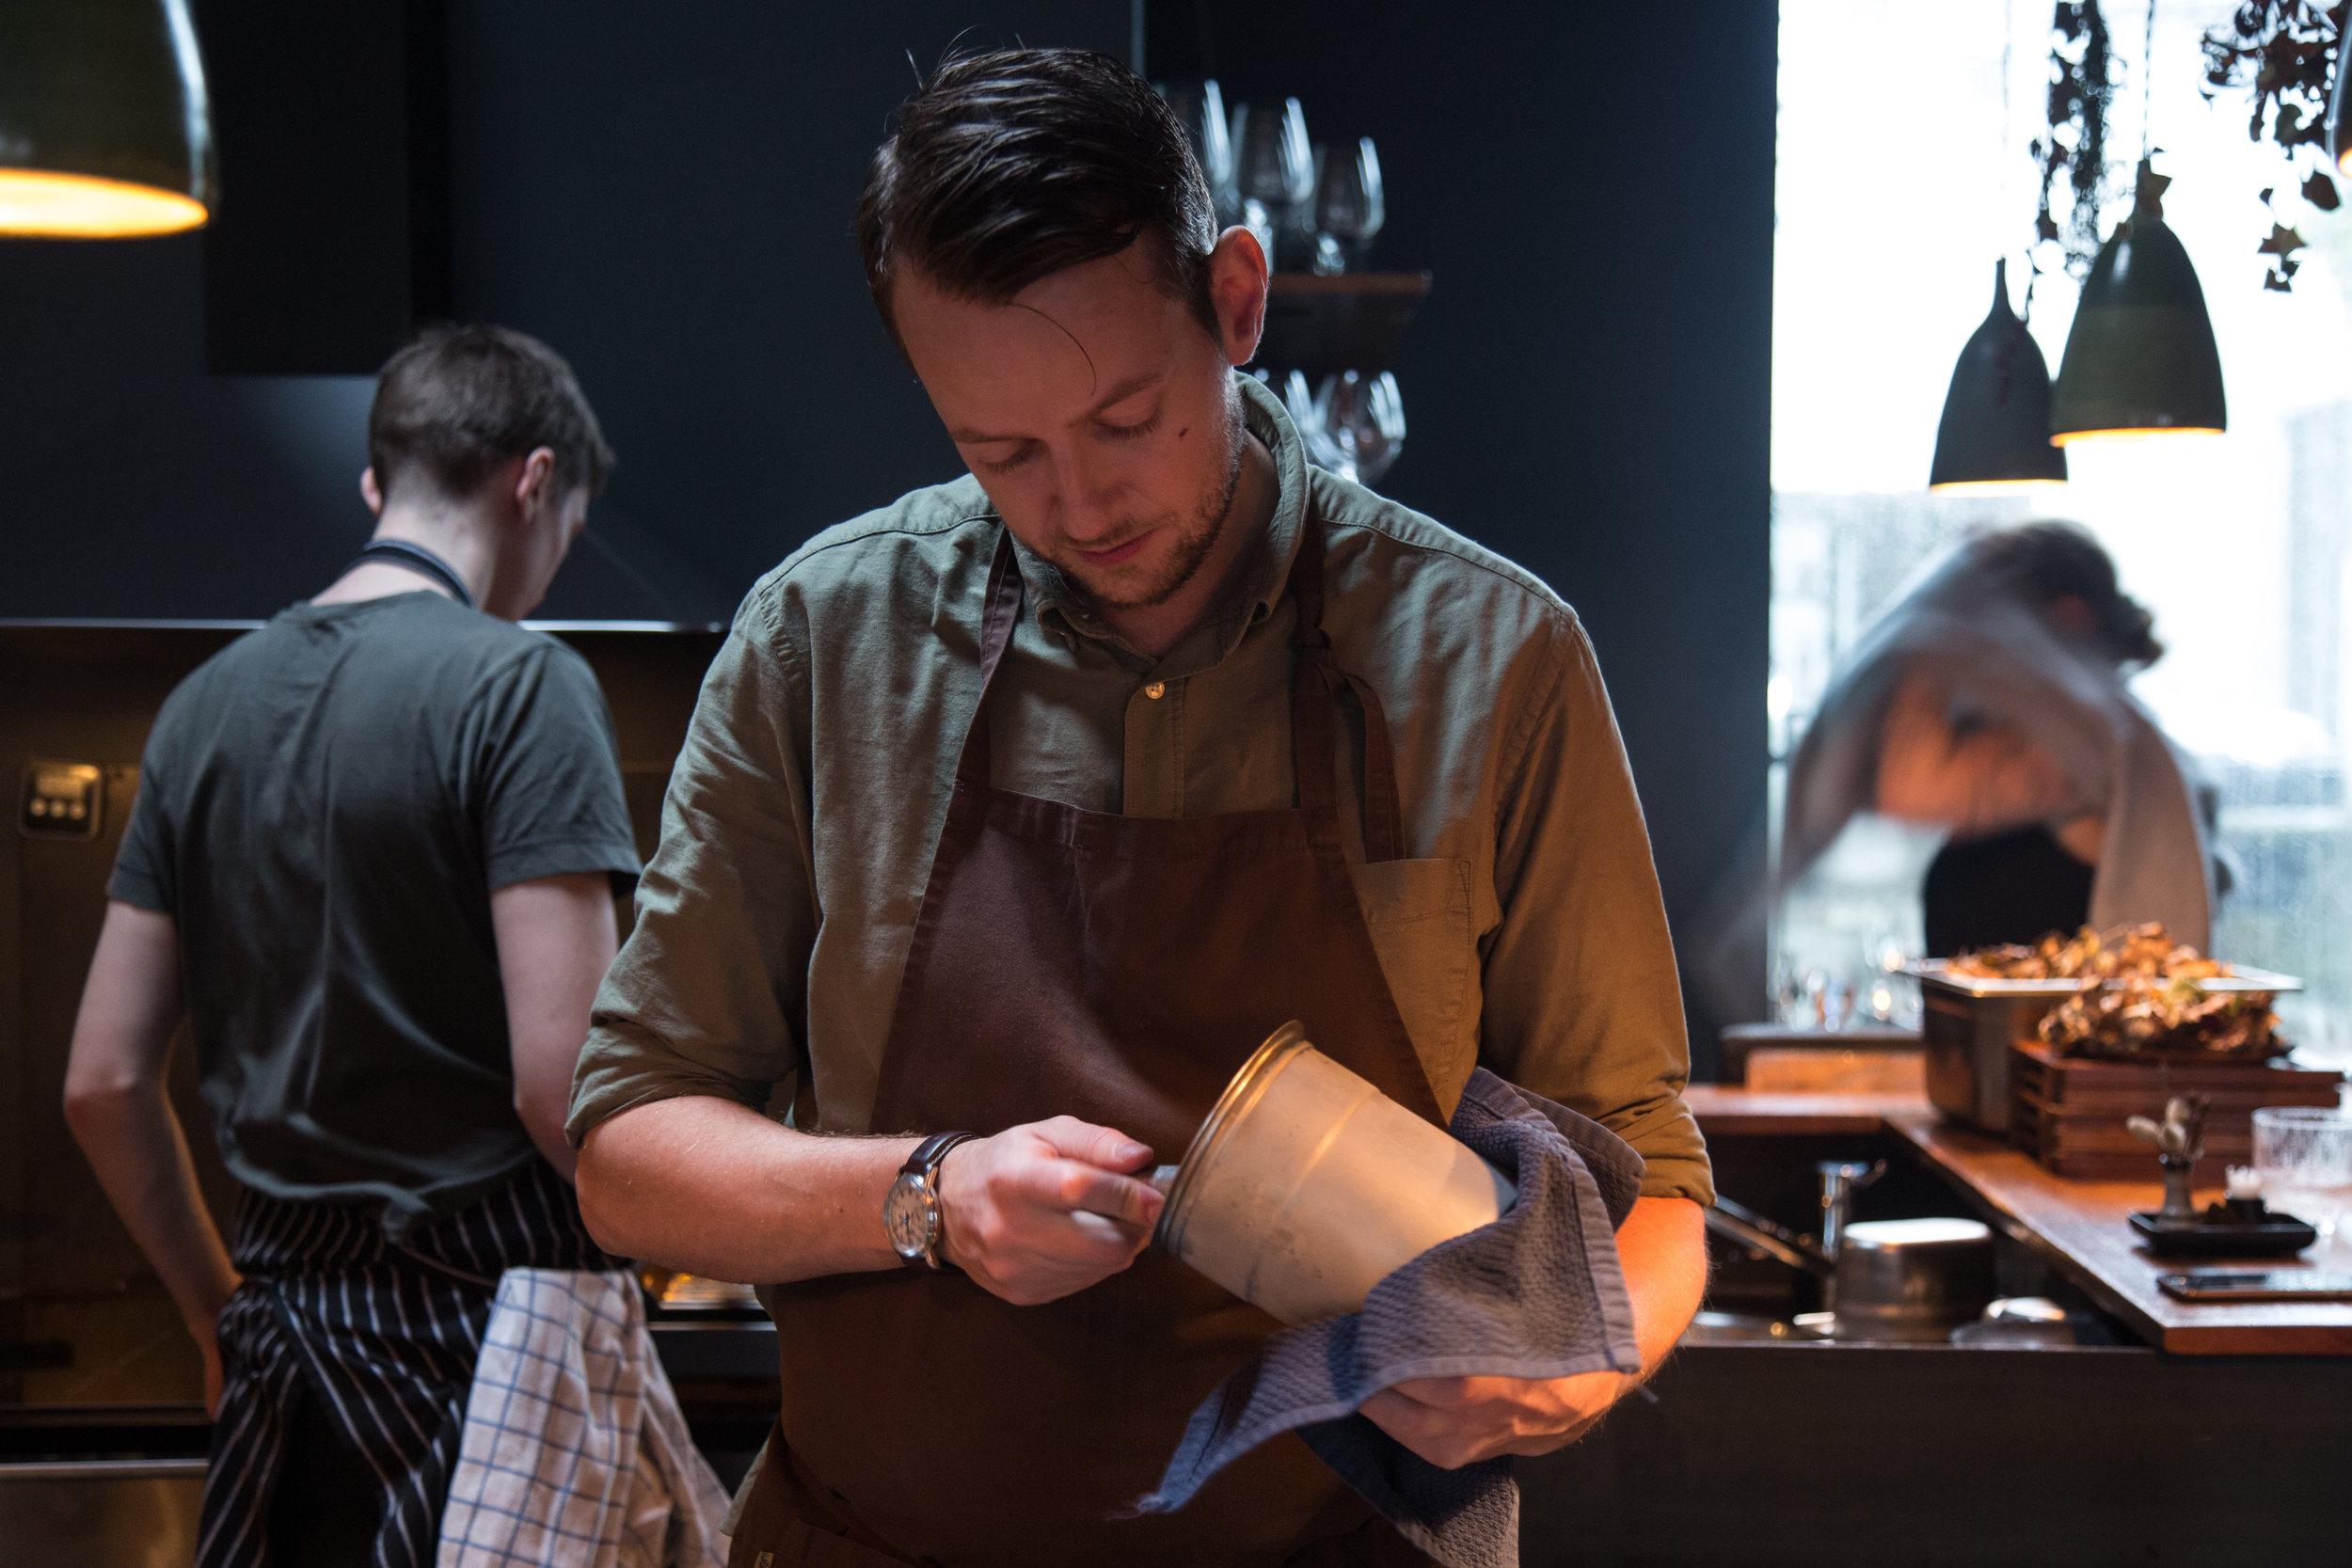 Head Chef Kari Thorsteinsson scooping ice cream.jpg